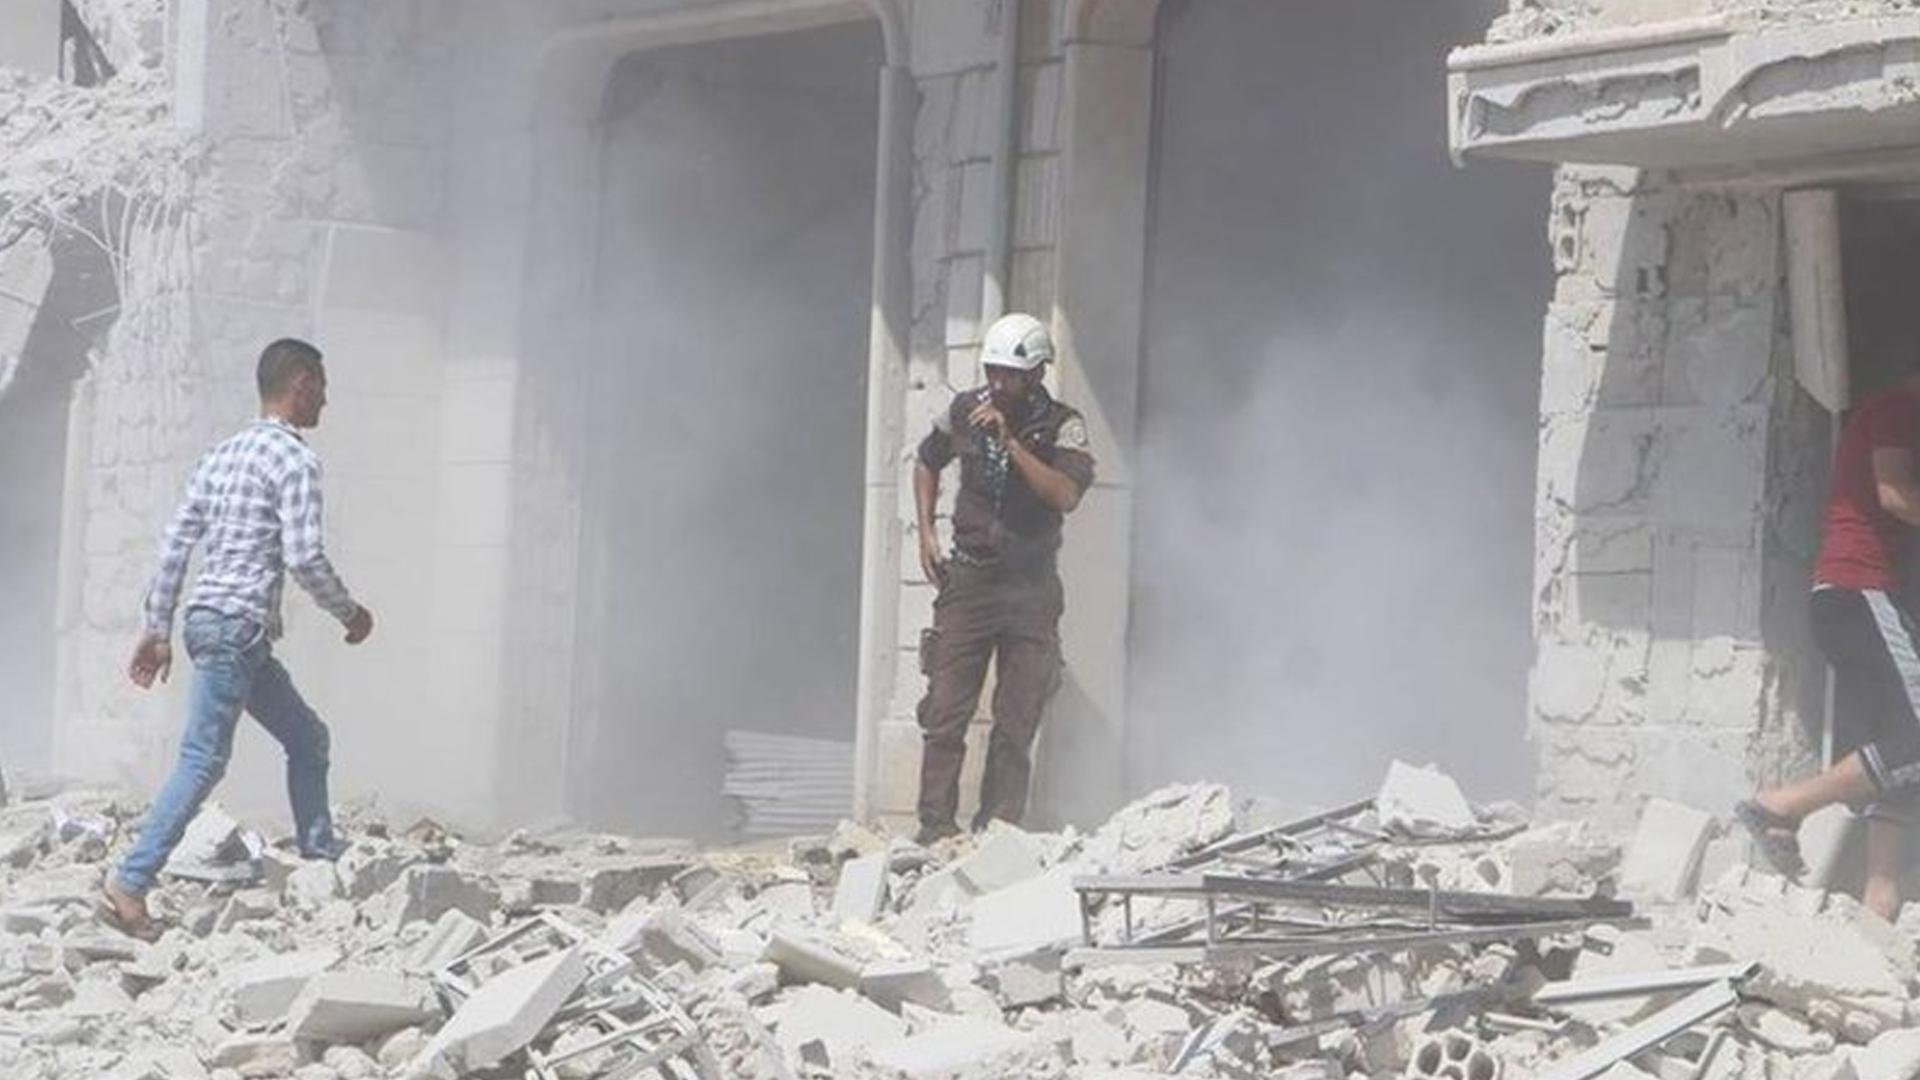 Zalimler İdlib'e saldırmaya devam ediyor: 6 ölü